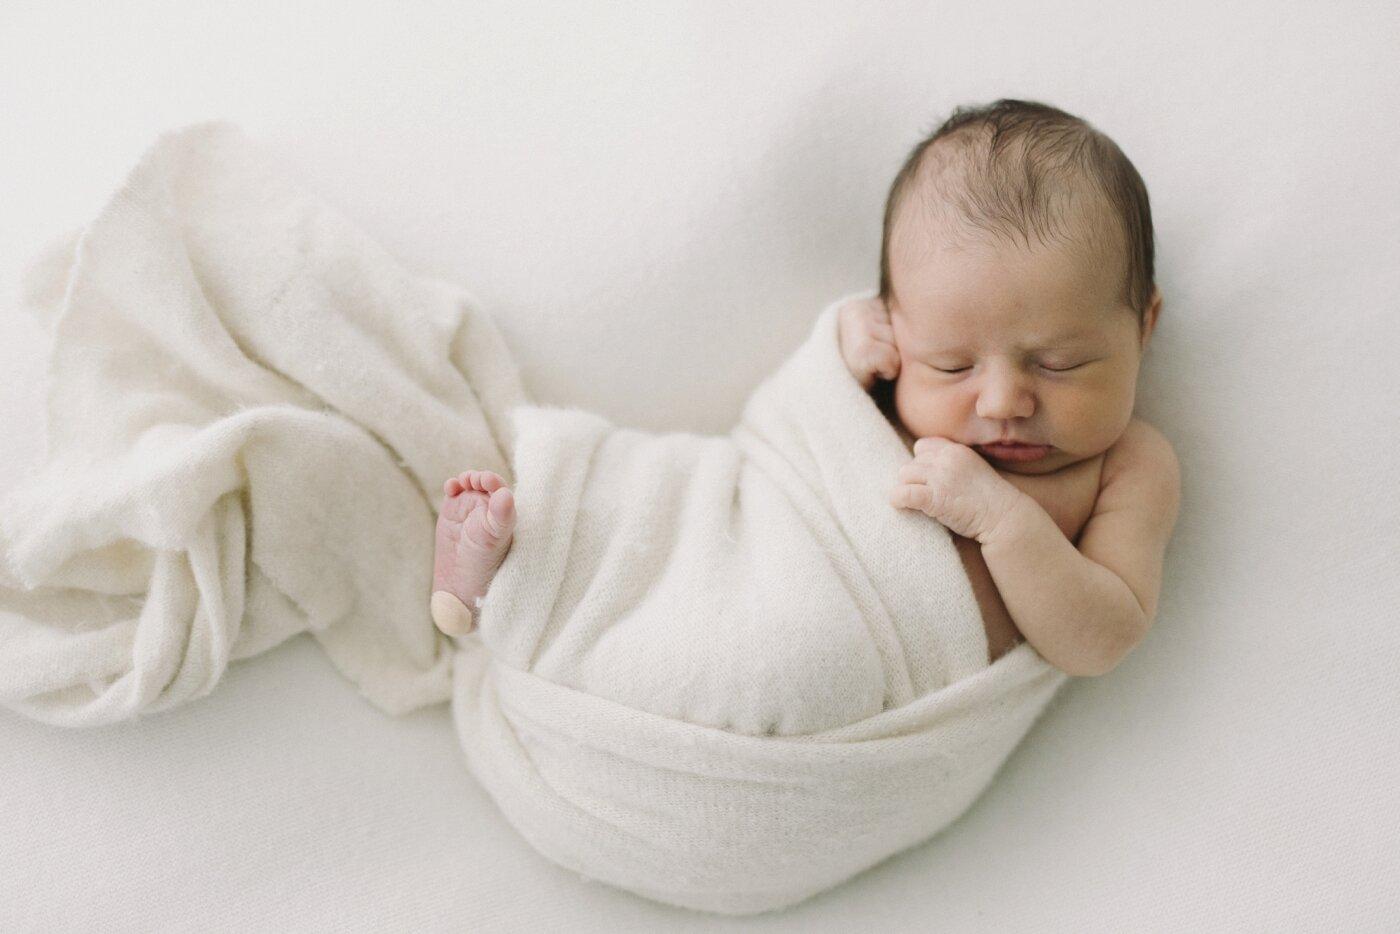 Baby Rosie - Natural Newborn Photography in Adelaide - Simple and Beautiful Newborn Photography - Katherine Schultz - Natural Light Newborn Photographer in Adelaide - www.katherineschultzphotography.com_0002.jpg